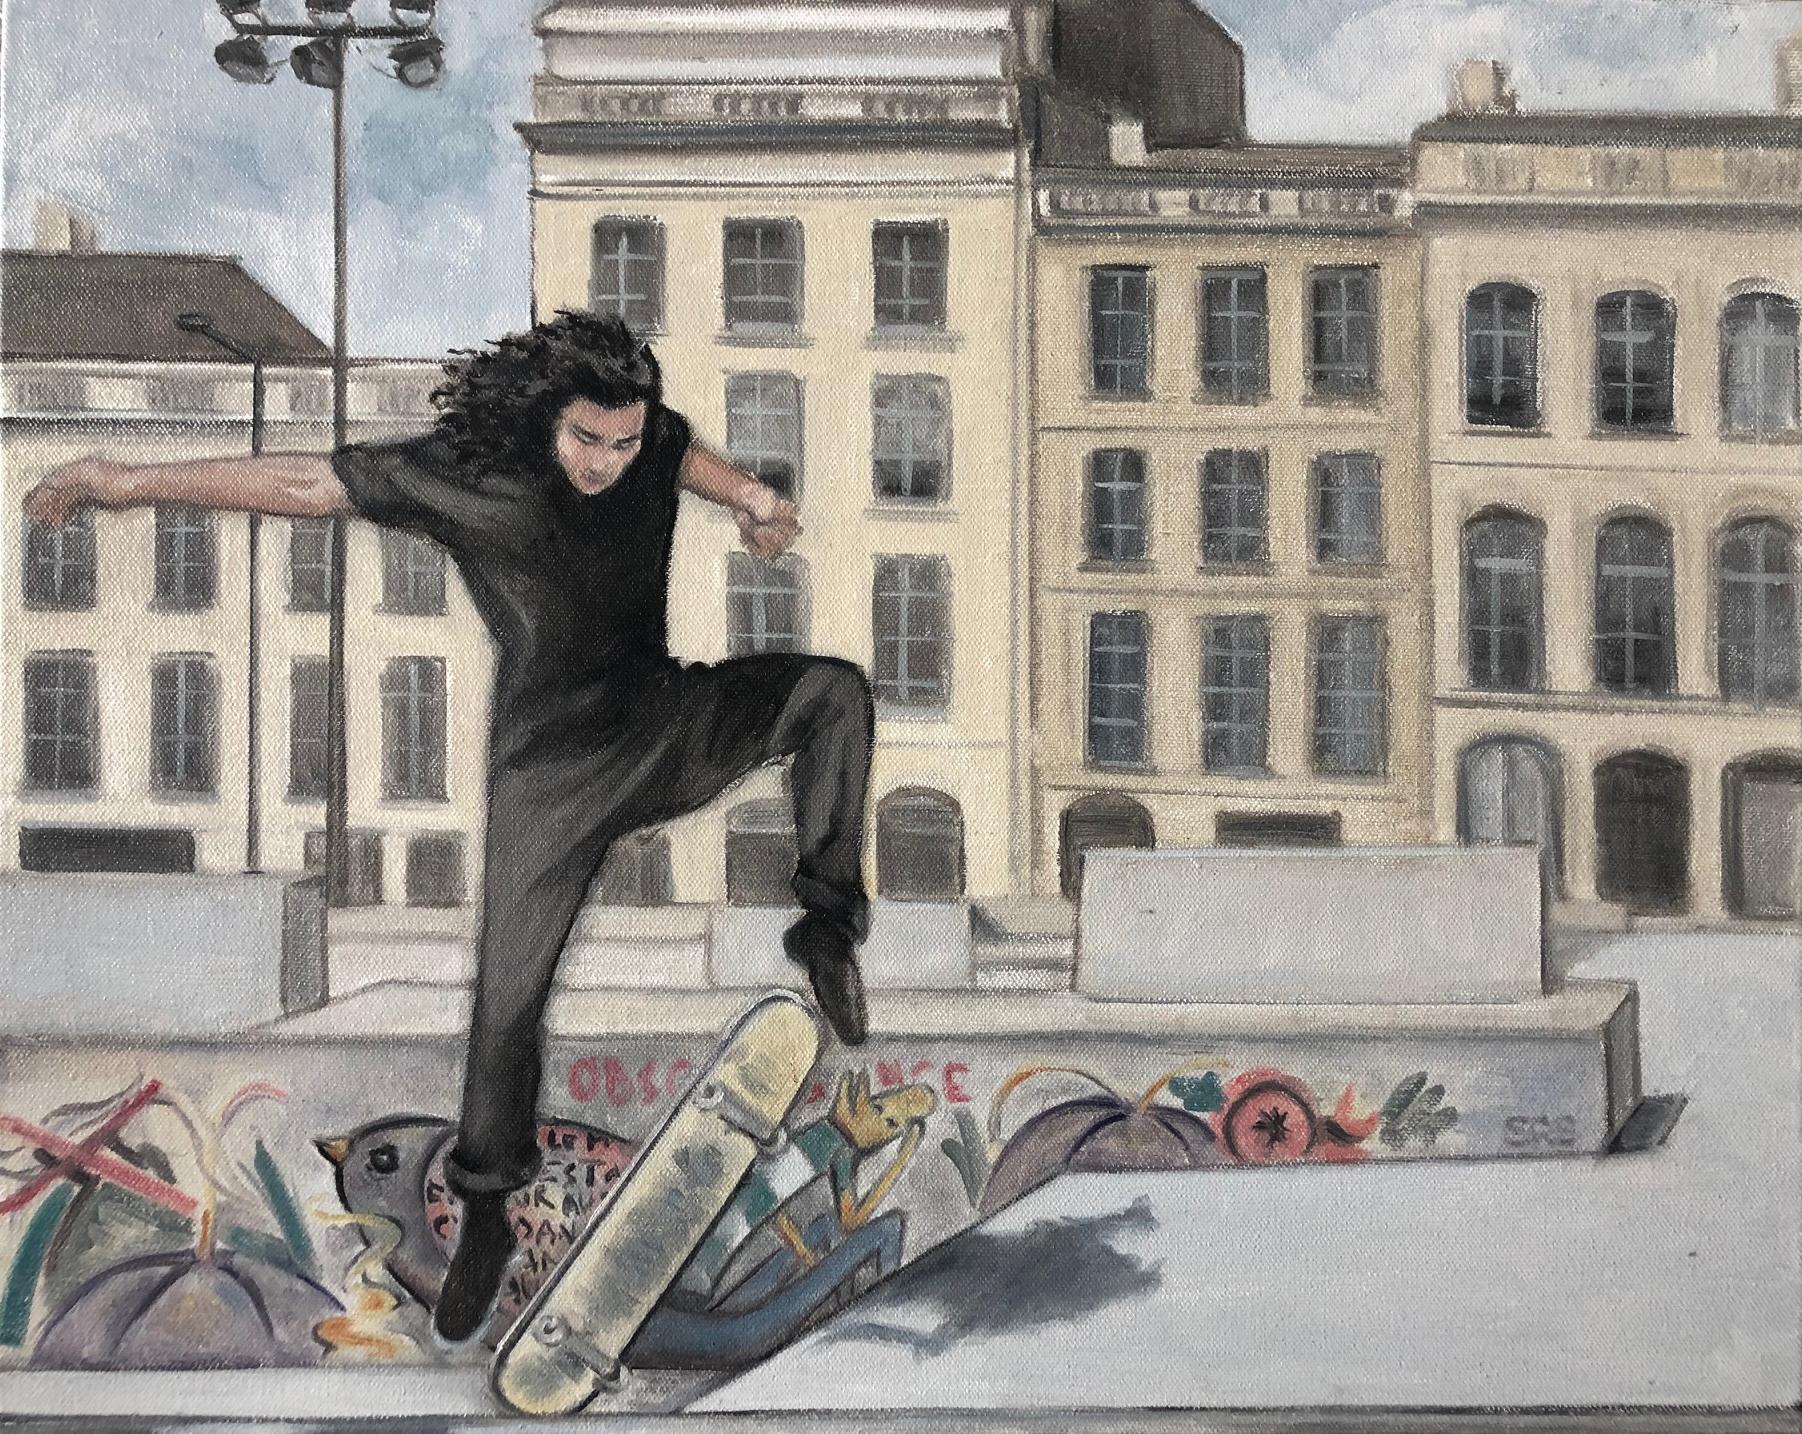 Skate Park - Bordeaux, 2019